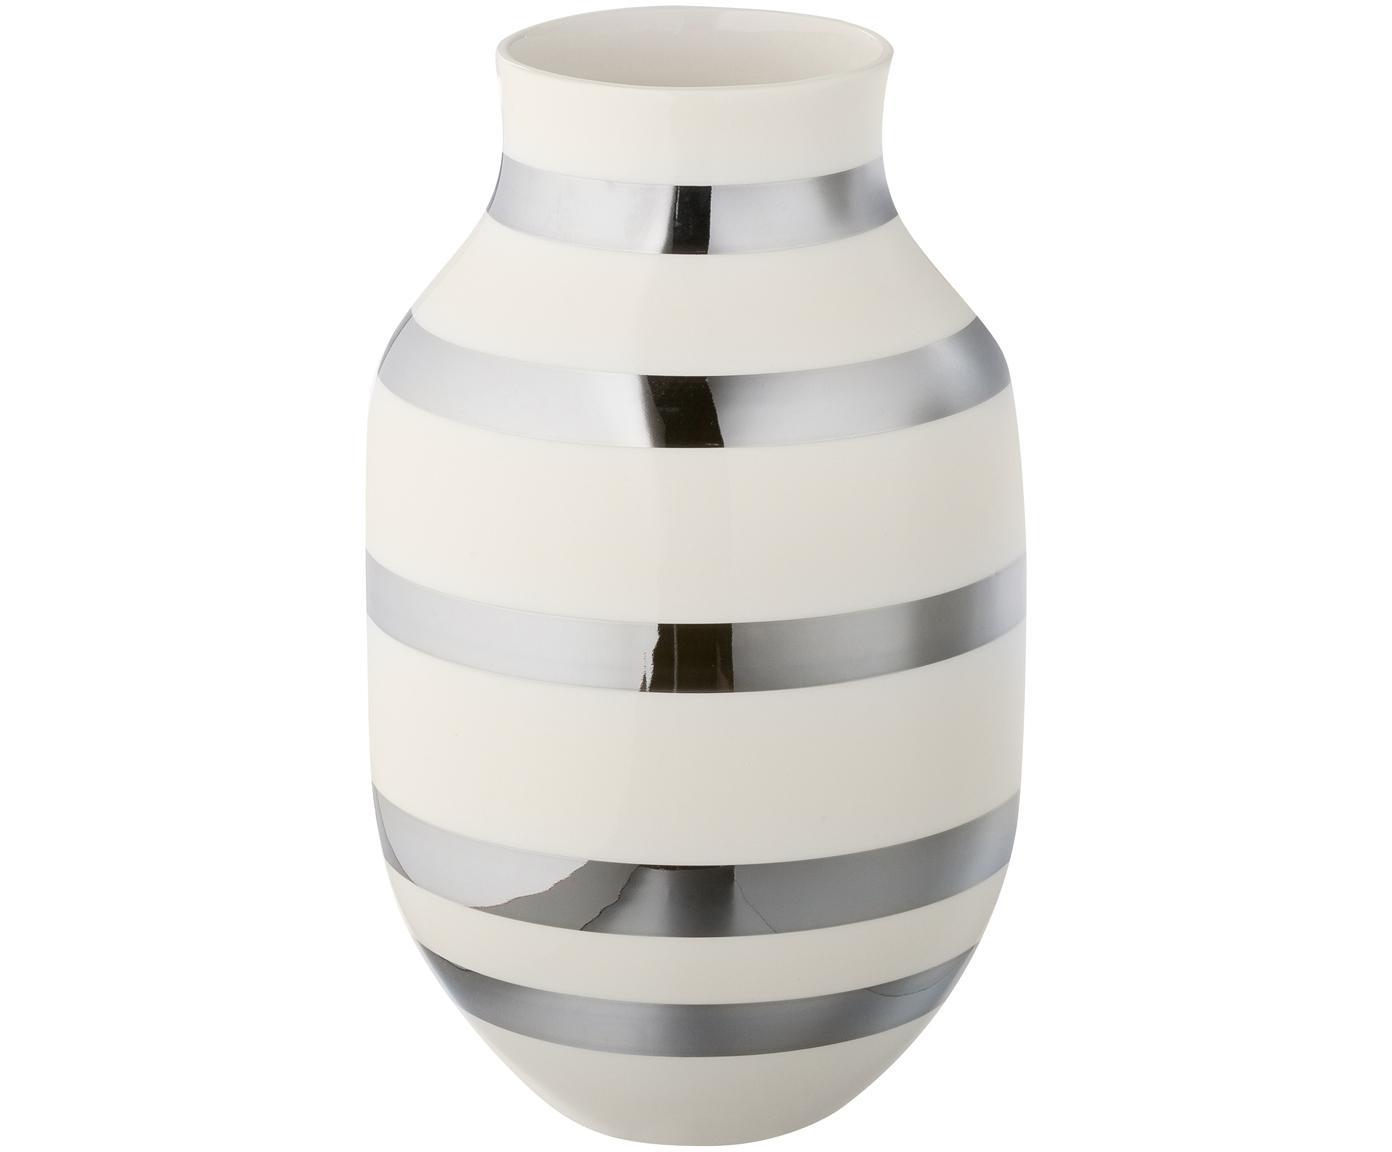 Handgemaakte design vaas Omaggio, groot, Keramiek, Glanzend zilverkleurig, wit, Ø 20 x H 30 cm